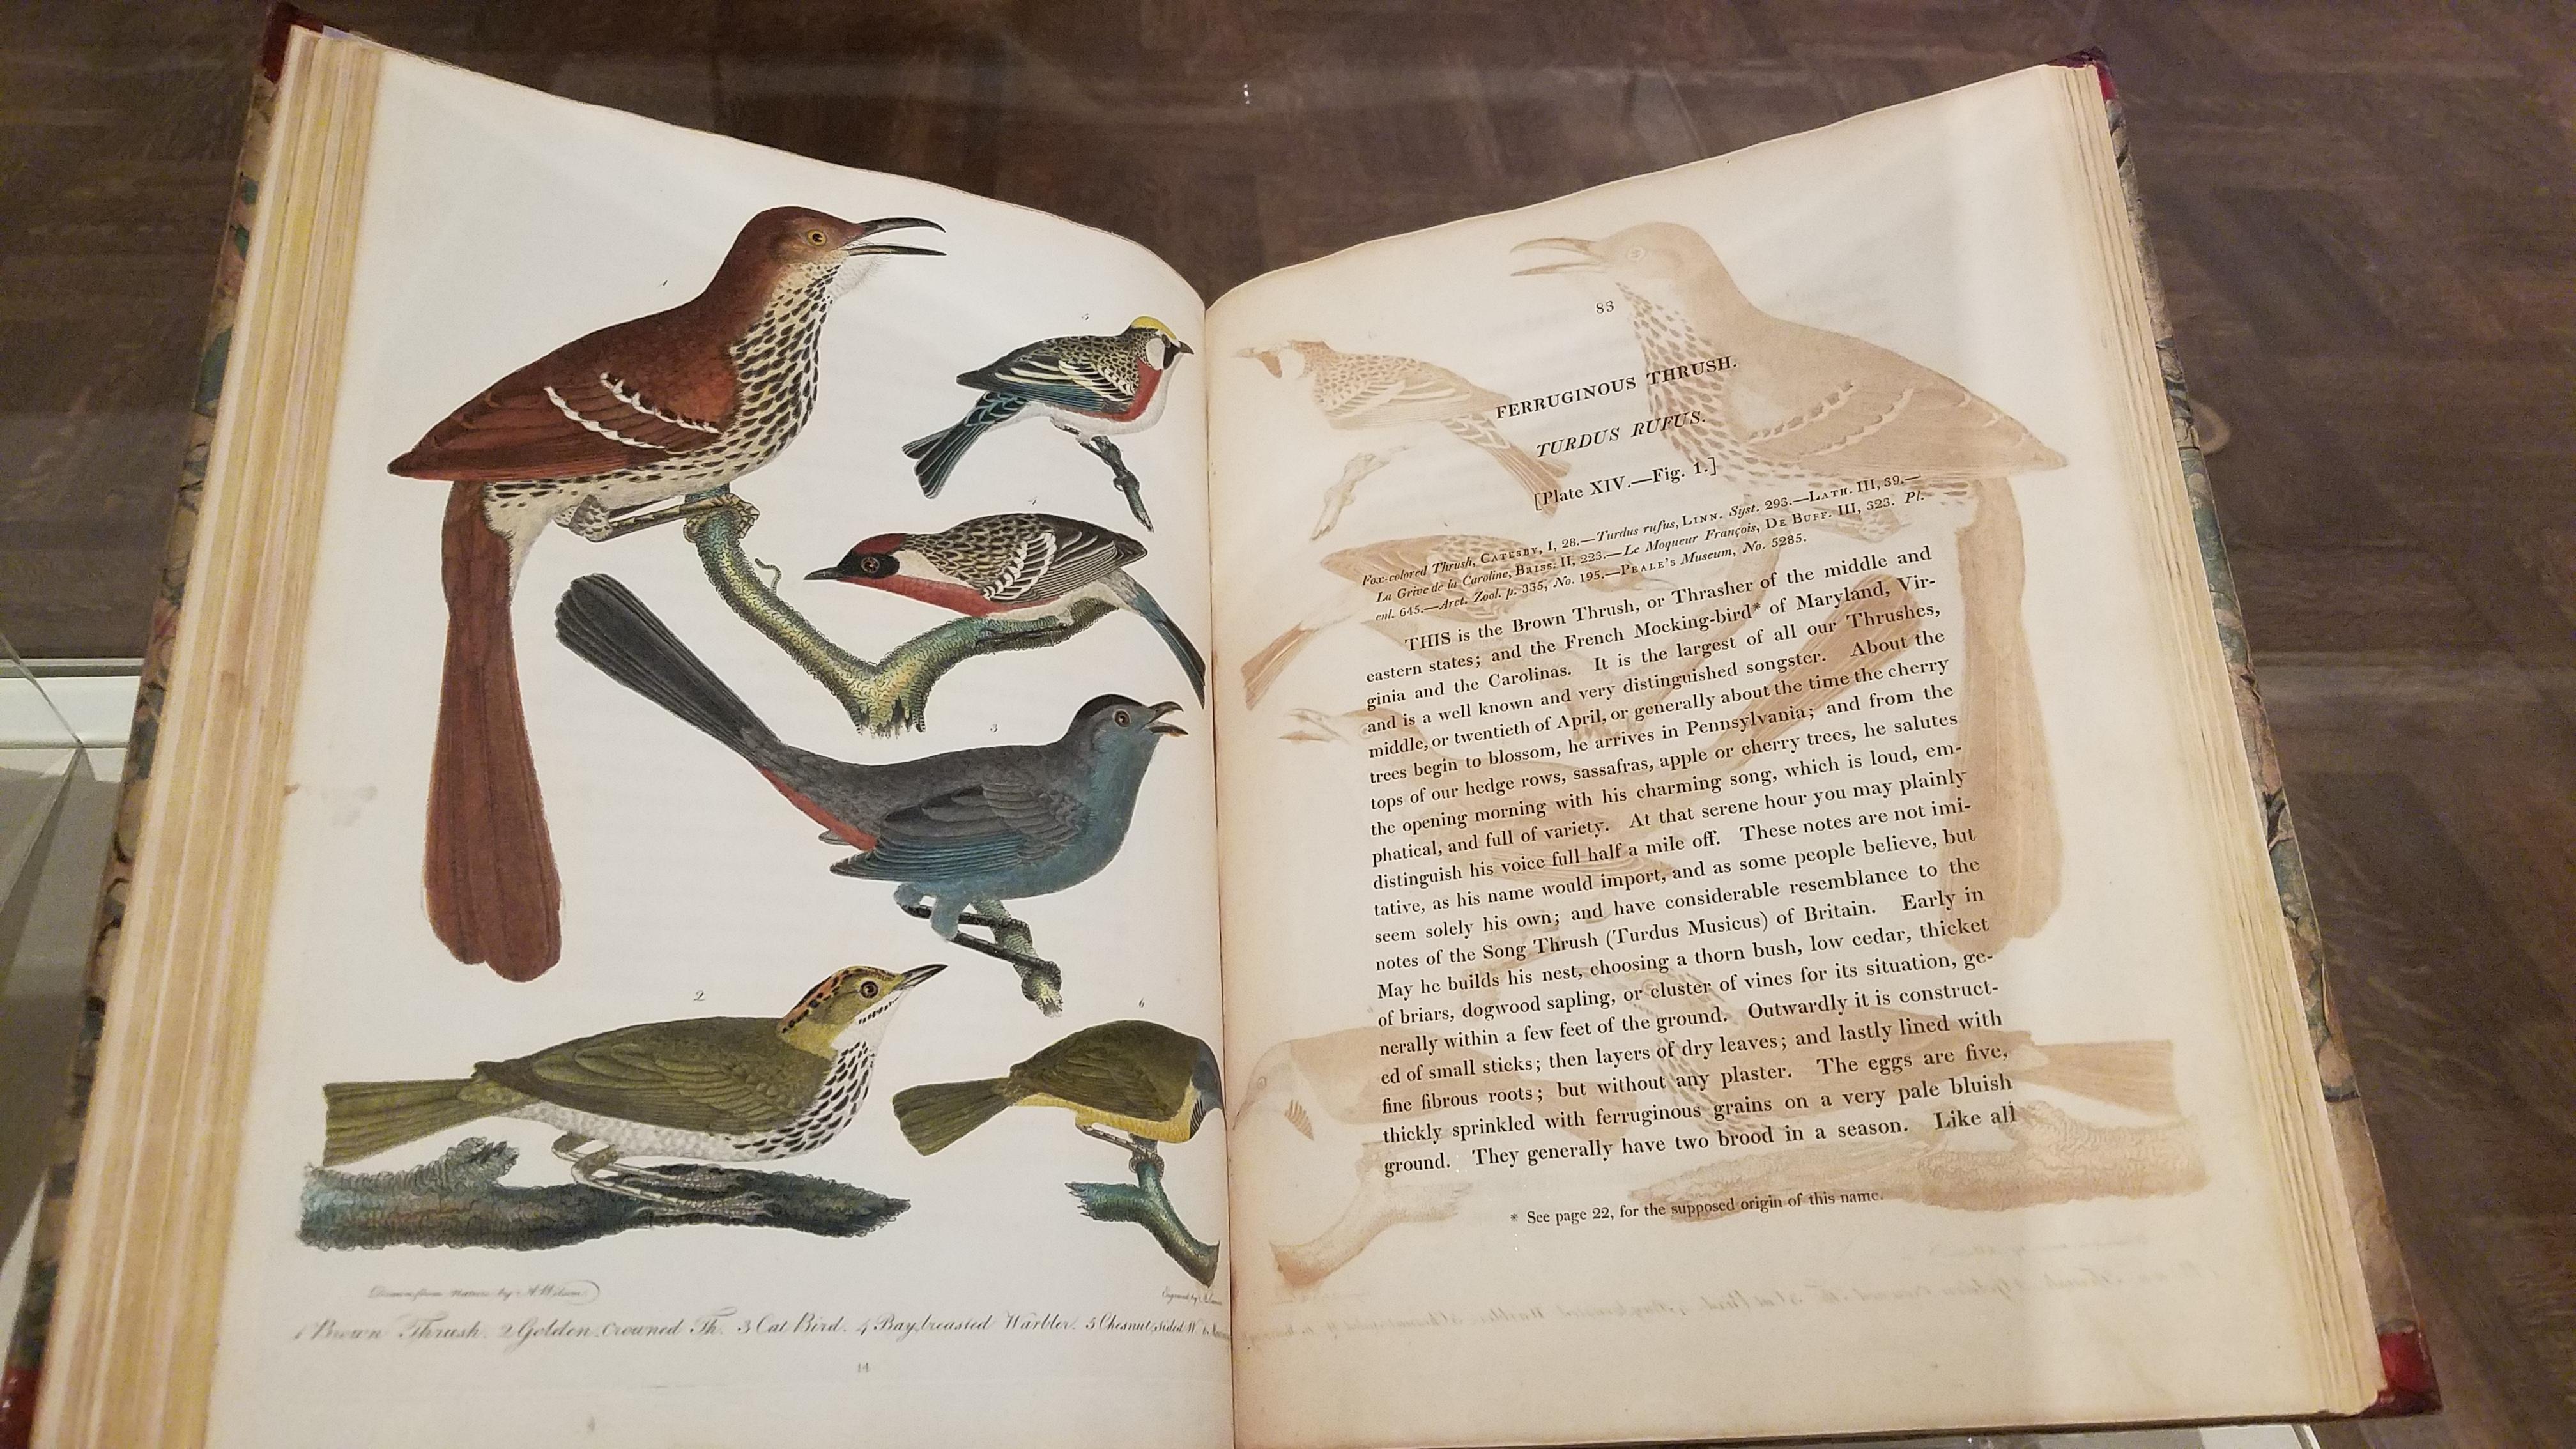 Before Audubon - Alexander Wilson exhibit - Brown Thrasher Volume 2